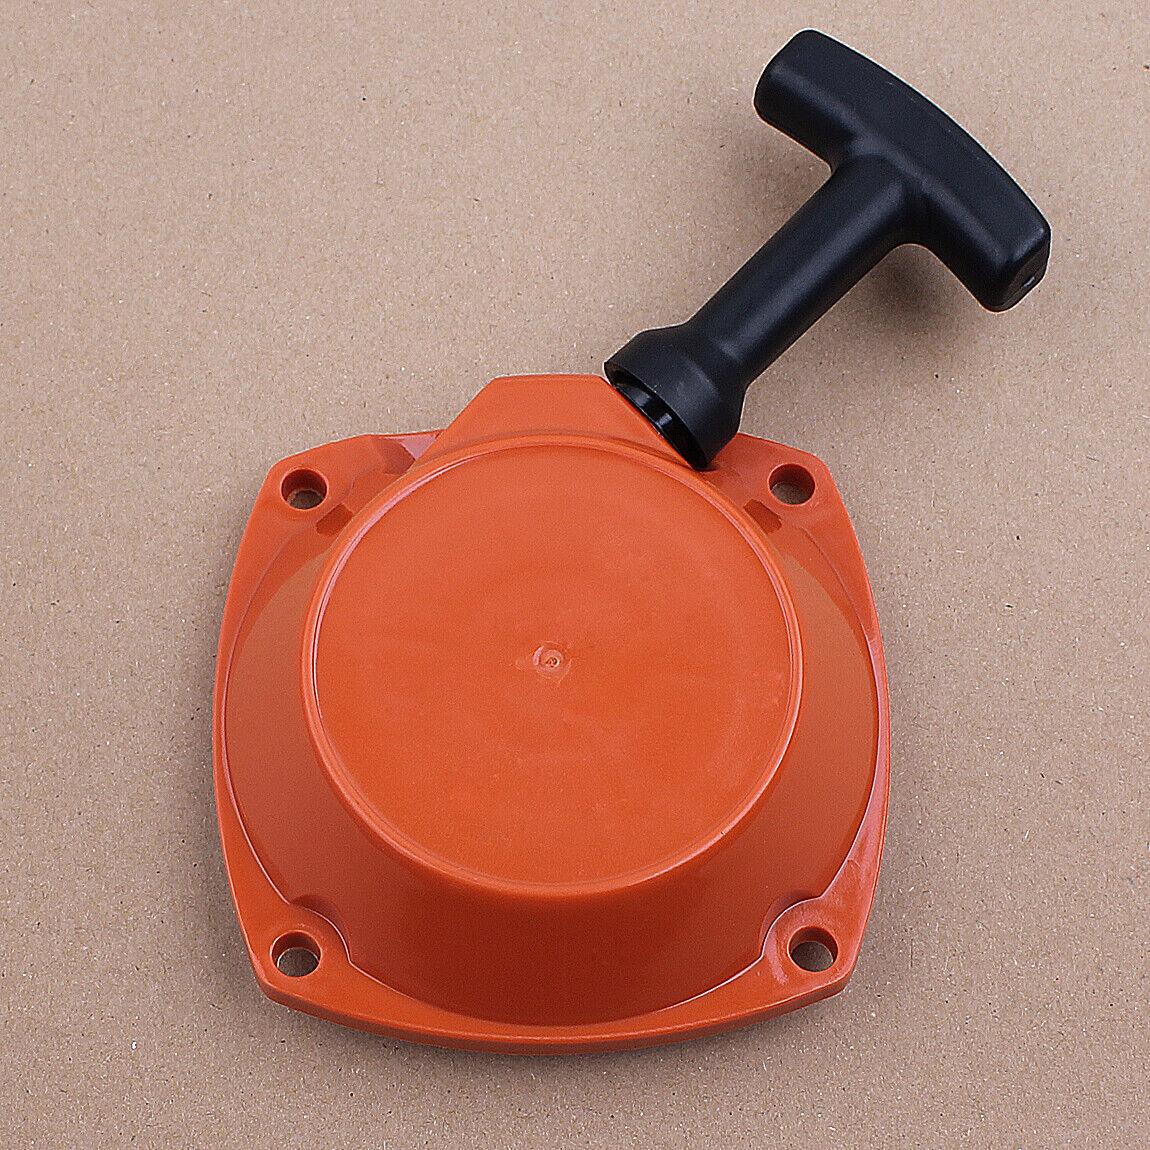 campanello tastatore 25mm in acciaio inox impermeabile campanello IMPIANTO LED ROSSO 4 Pzi